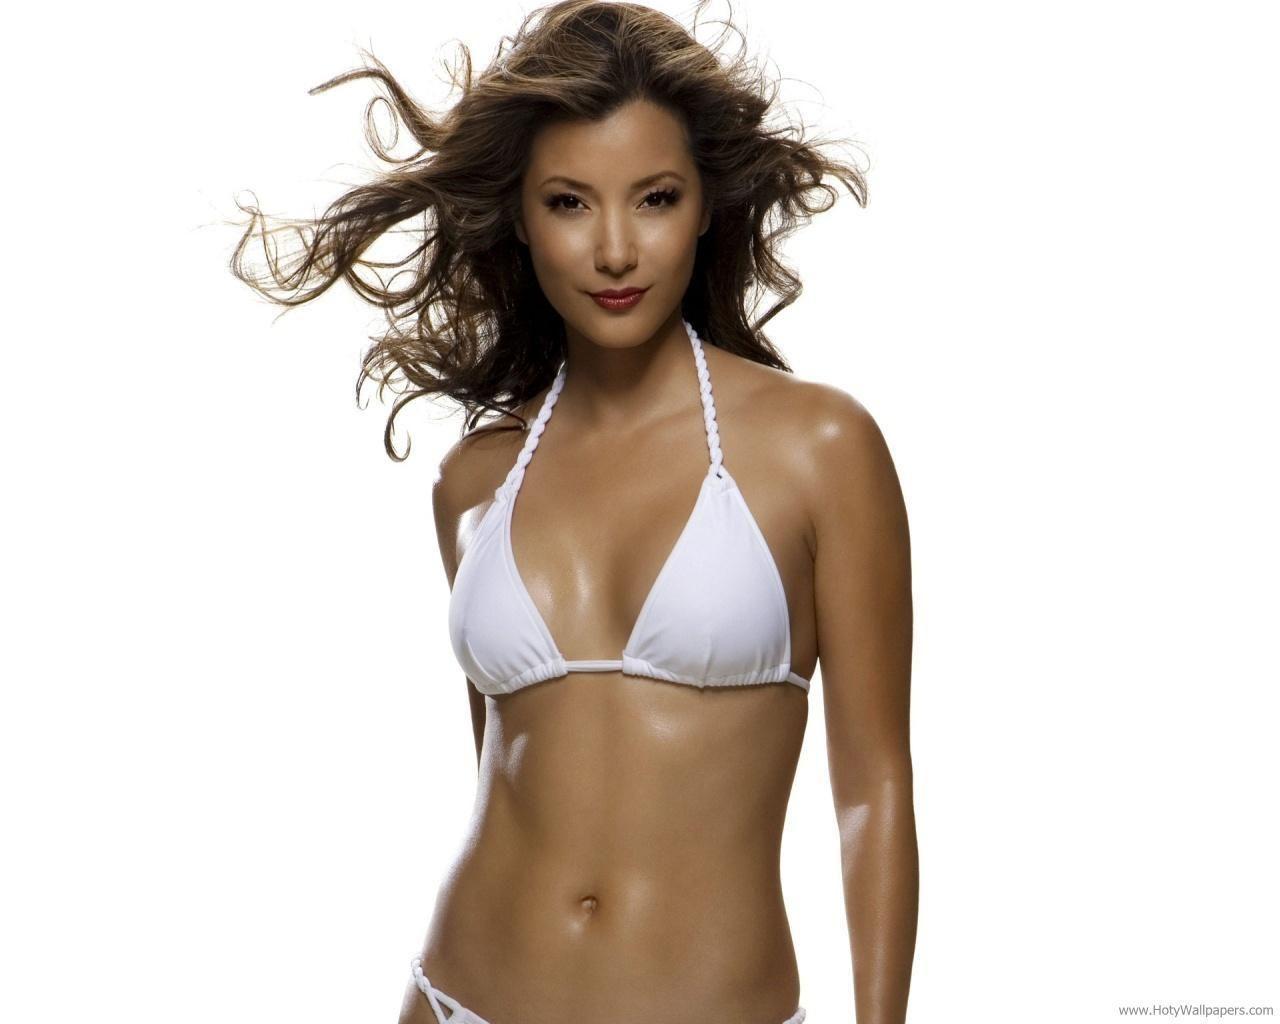 Hot Kelly Hu nude (43 foto and video), Sexy, Sideboobs, Selfie, bra 2006